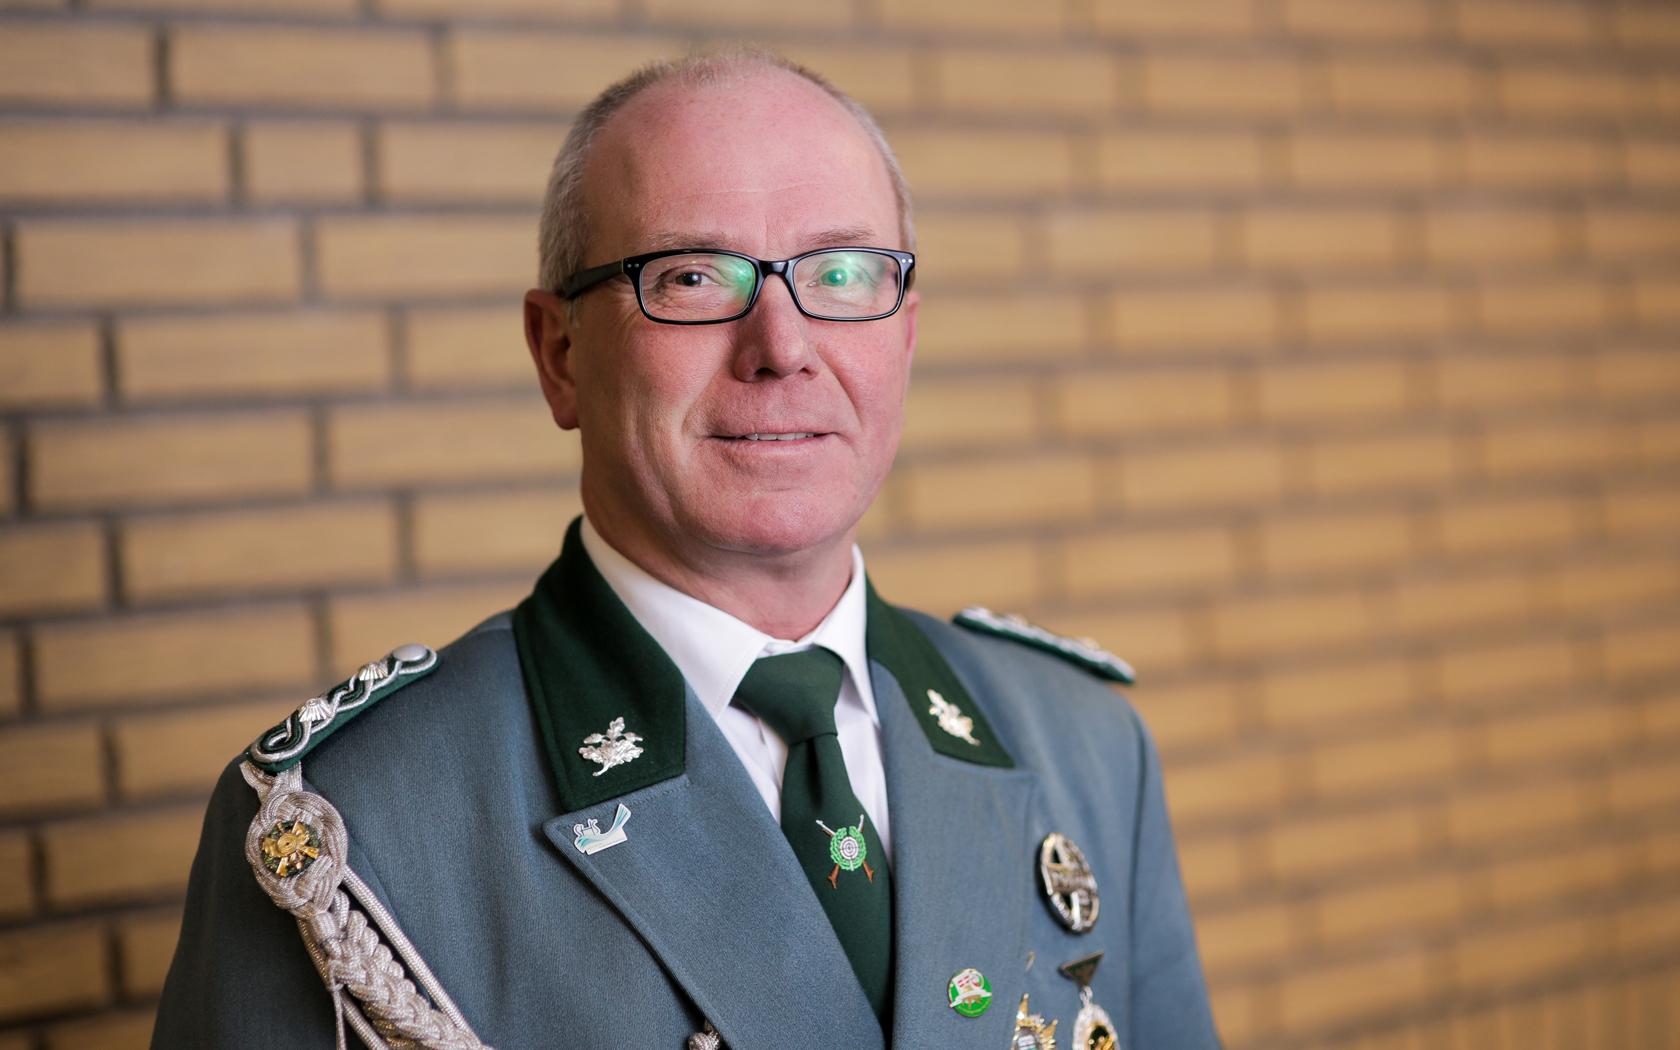 Dieter Henrichs